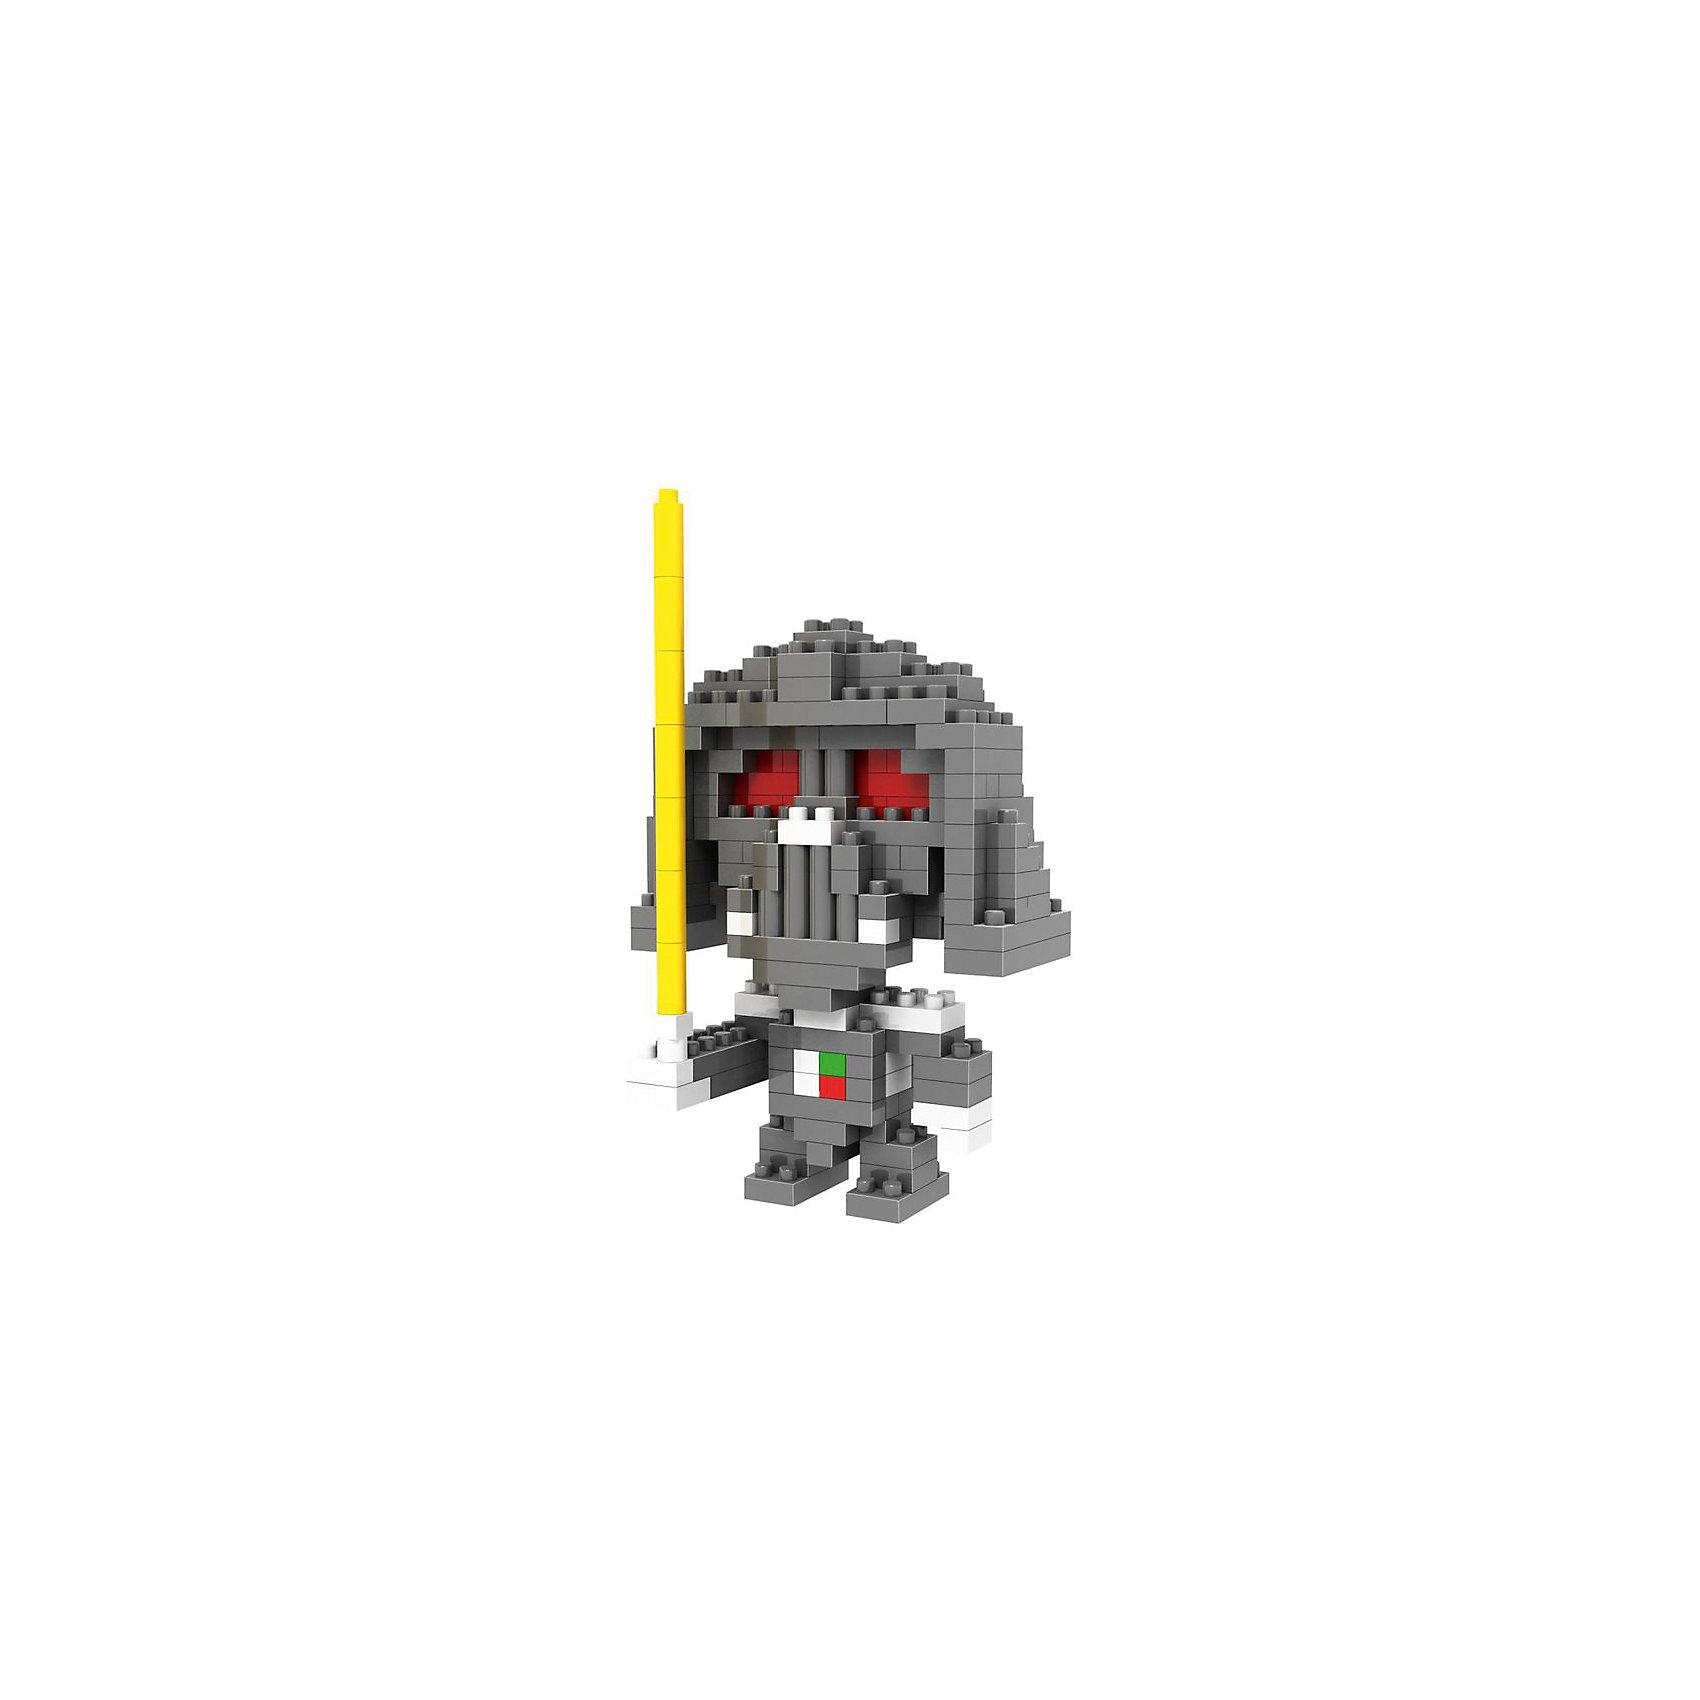 Конструктор Звездный воин Вейдер, Звездные воины, LozКонструкторы компании Loz - это необычные конструкторы. Они состоят из множества маленьких деталей - наноблоков. Конструктор Diamond Block Звездный воин Вейдер - один из конструкторов подарочной серии. Это настоящая головоломка, так как для того чтобы собрать модель, Вам потребуется пара часов и немало терпения. Результатом работы станет фигурка Дарта Вейдера из популярного фильма Звездные войны. В набор входит 180 деталей конструктора и подробная инструкция. Детали выполнены из высококачественного безопасного пластика. Рекомендовано для детей старше 9 лет.<br><br>Ширина мм: 75<br>Глубина мм: 75<br>Высота мм: 75<br>Вес г: 50<br>Возраст от месяцев: 108<br>Возраст до месяцев: 1188<br>Пол: Мужской<br>Возраст: Детский<br>SKU: 4224468